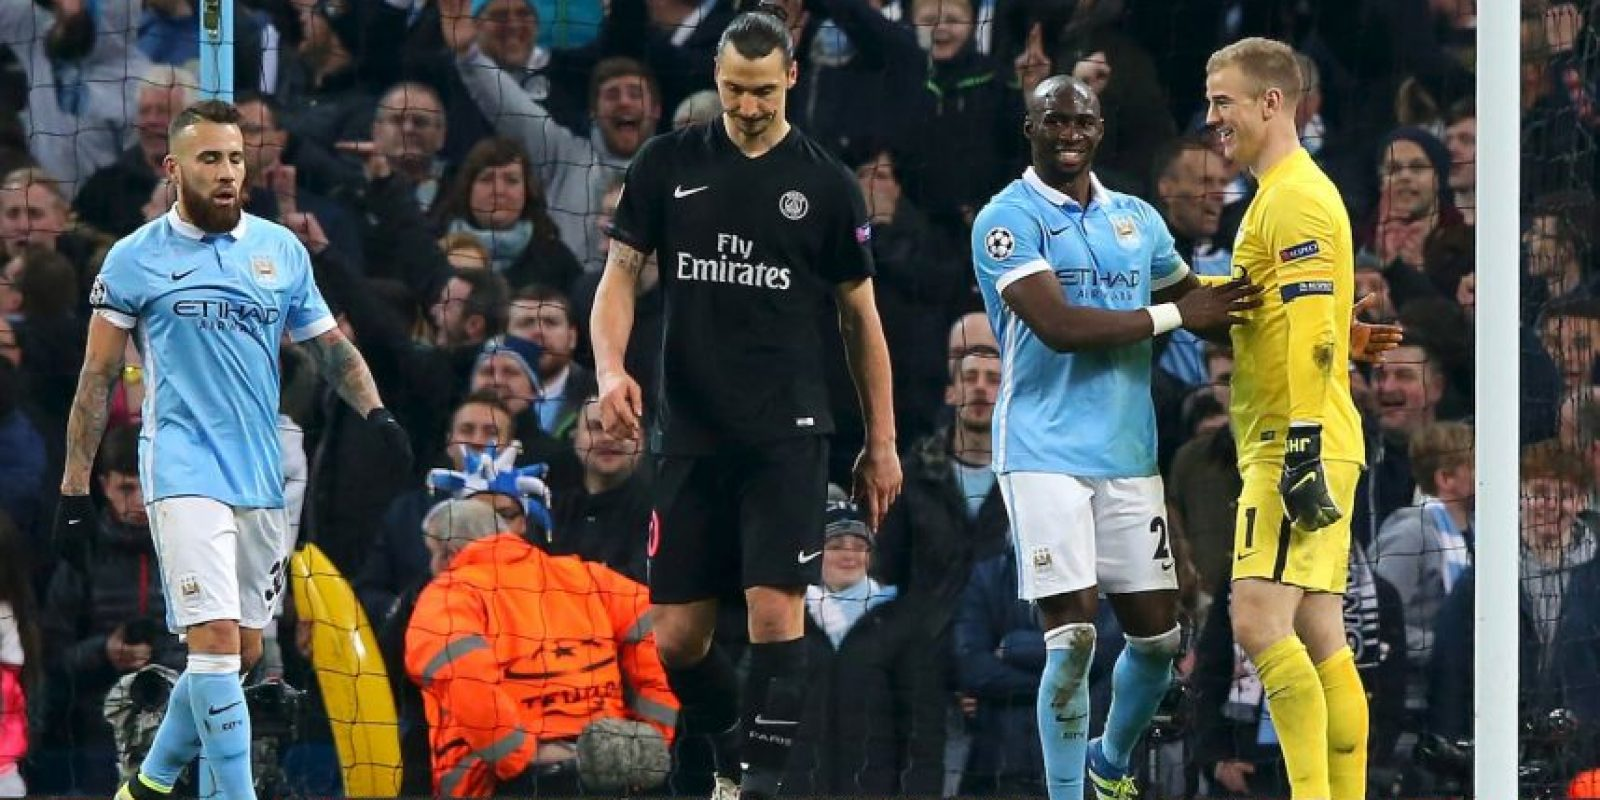 Zlatan parecía tener todo listo para llegar al United, pero su presentación se ha retrasado Foto:Getty Images